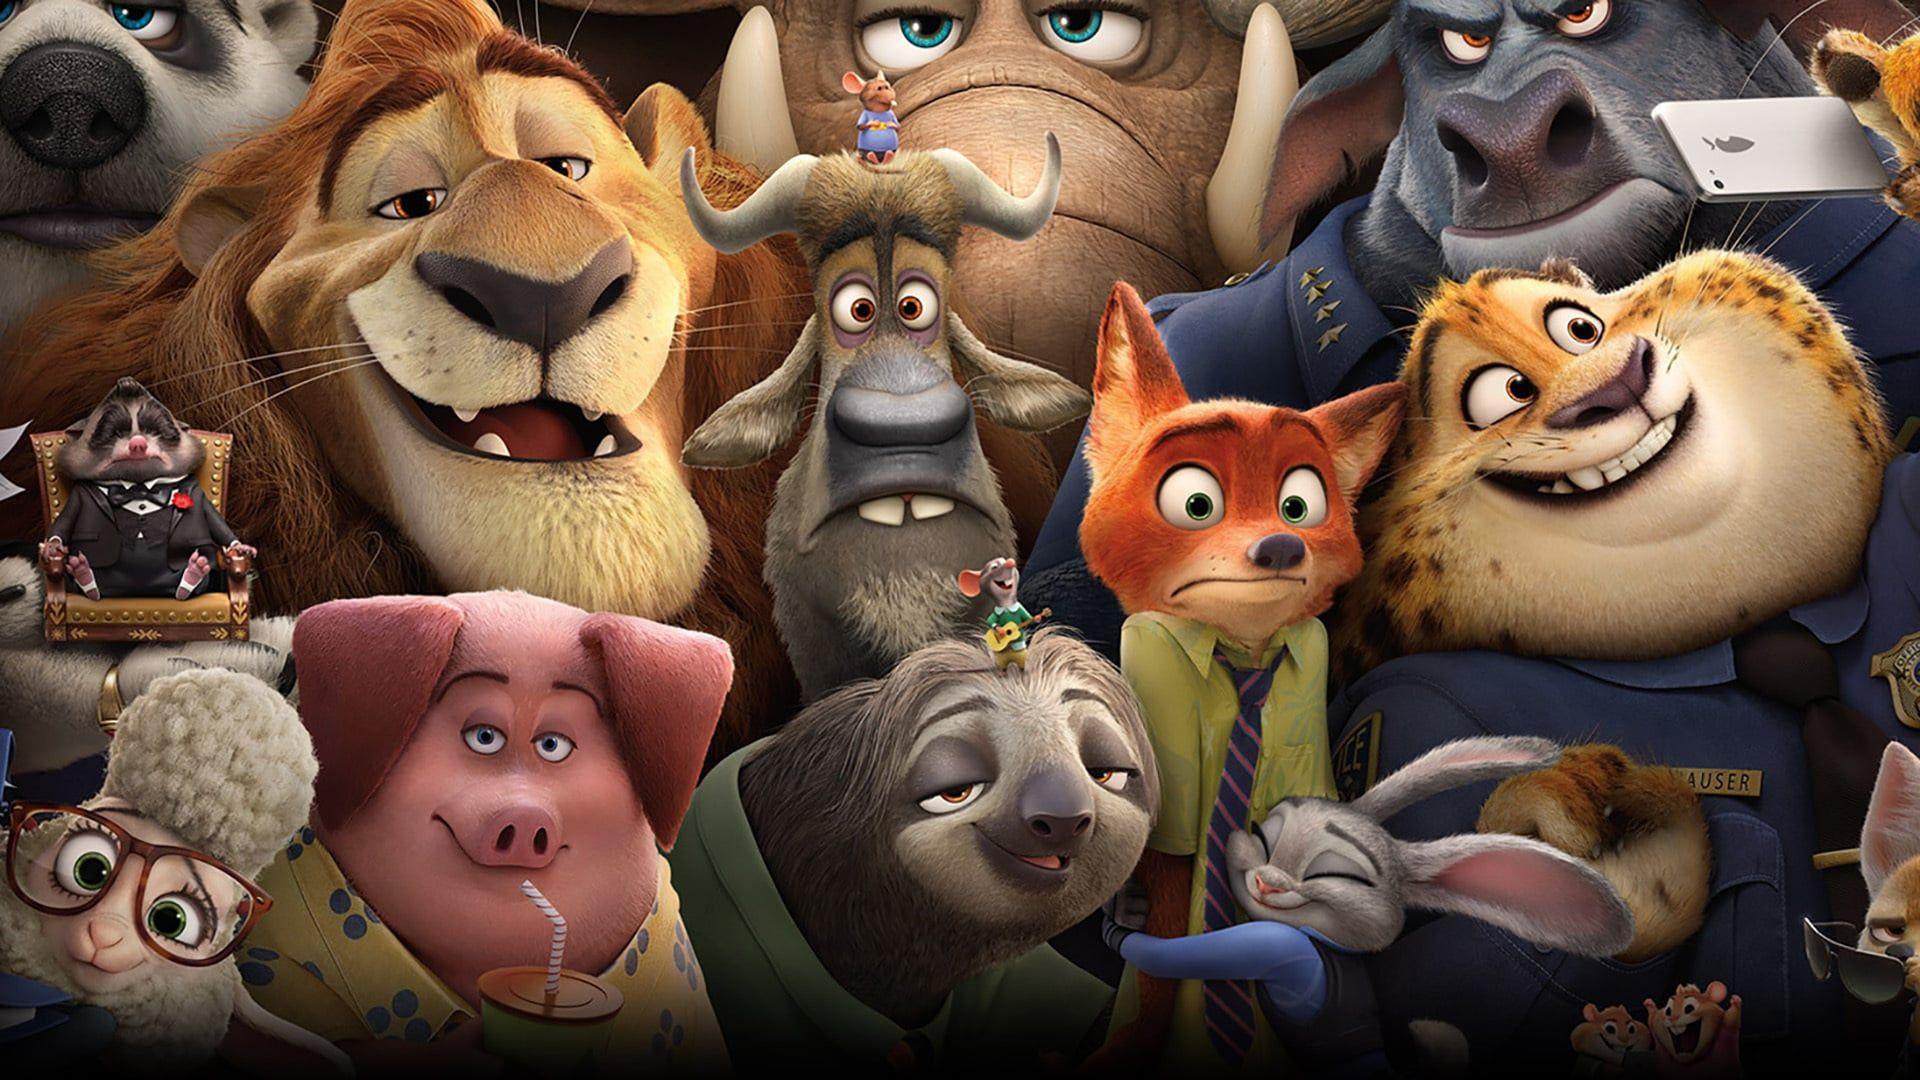 Il Mondo Animale E Cambiato Non E Piu Diviso In Due Fra Docili Prede E Feroci Predatori Ma Armon Zoomania Walt Disney Animation Walt Disney Animation Studios